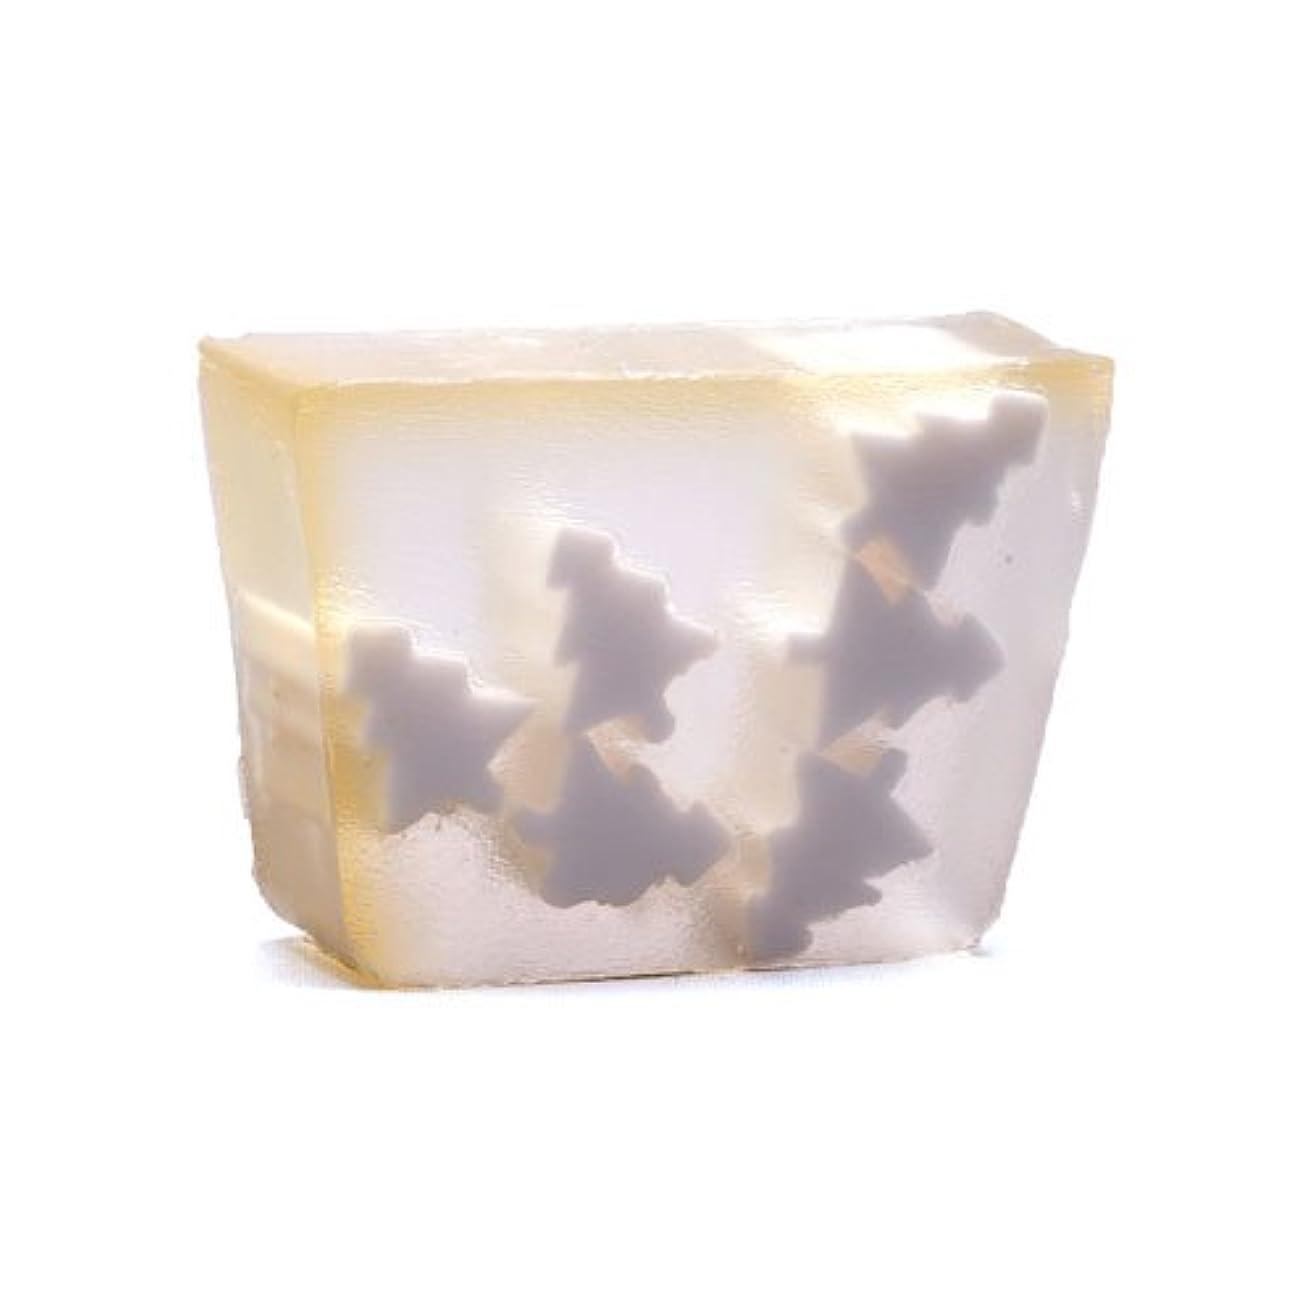 あまりにも冬抗議プライモールエレメンツ アロマティック ミニソープ ホワイトワンダーランド 80g 植物性 ナチュラル 石鹸 無添加